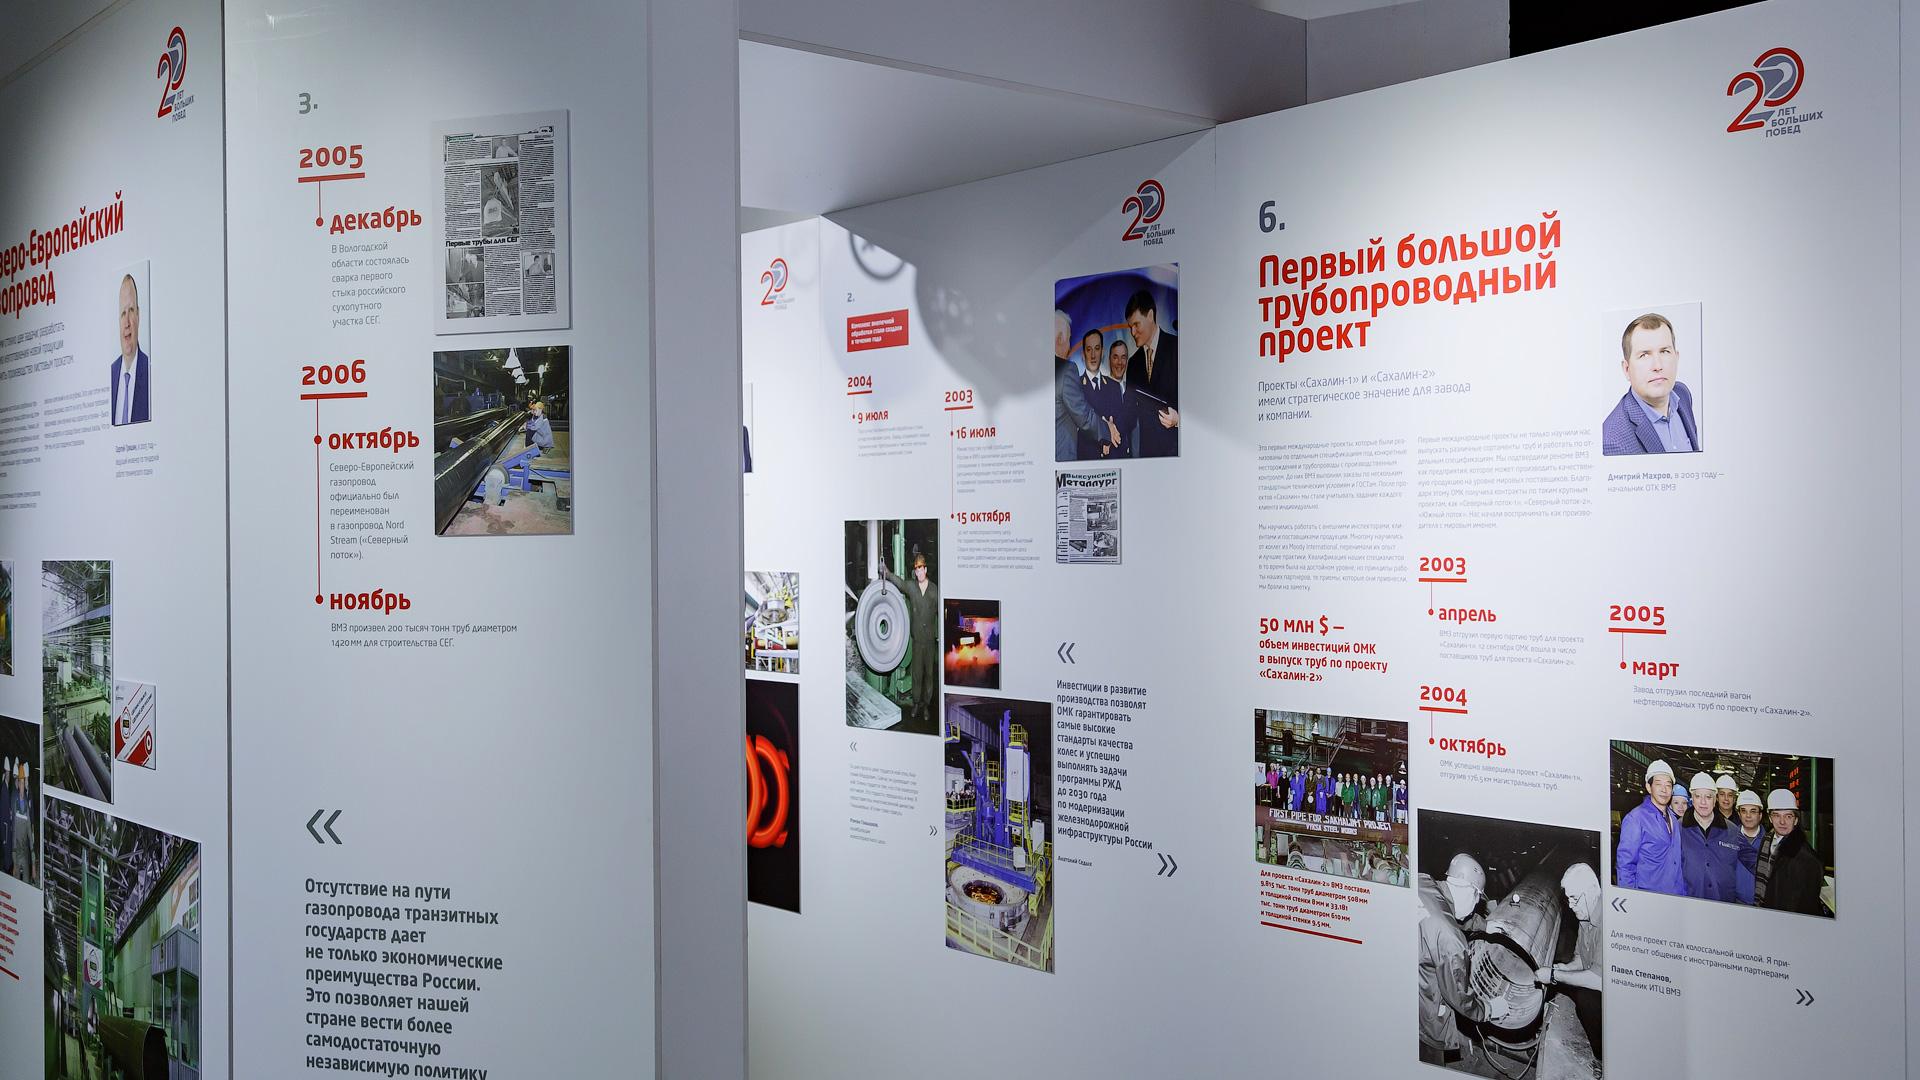 Как выксунская компания работает над проектами для Москвы и Нью-Йорка?